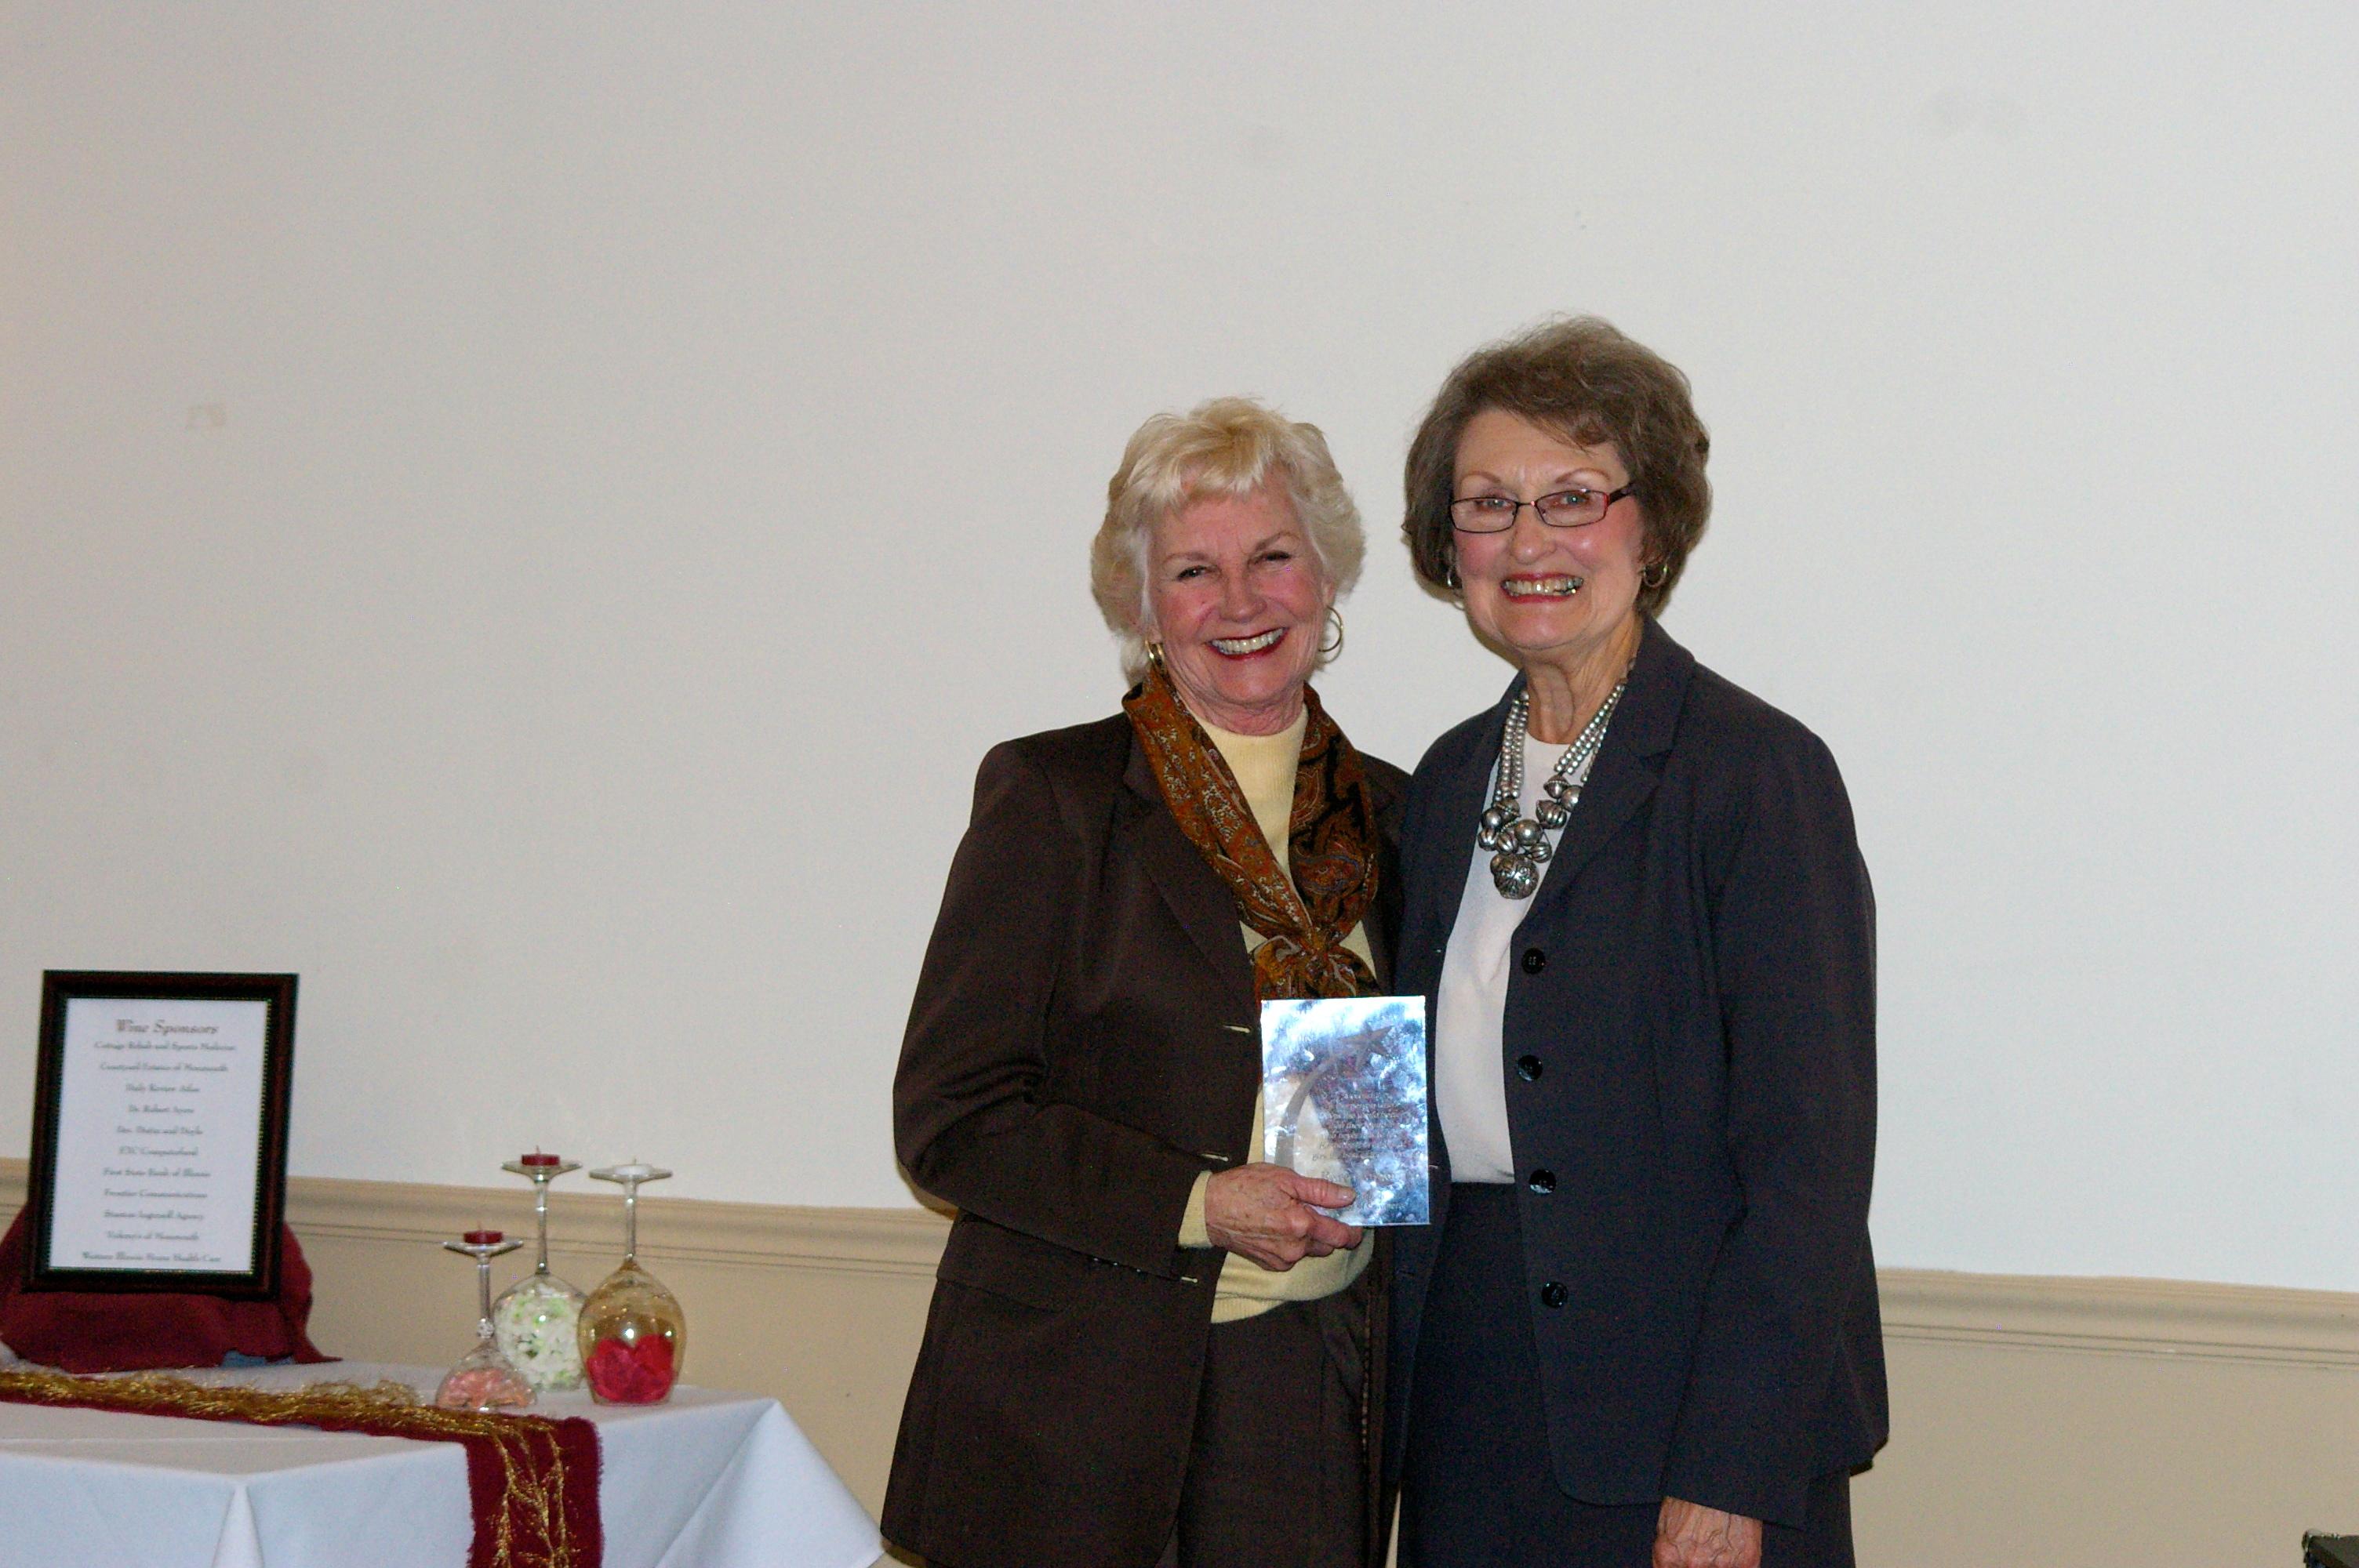 Karen Angotti and Vicki Hennenfent